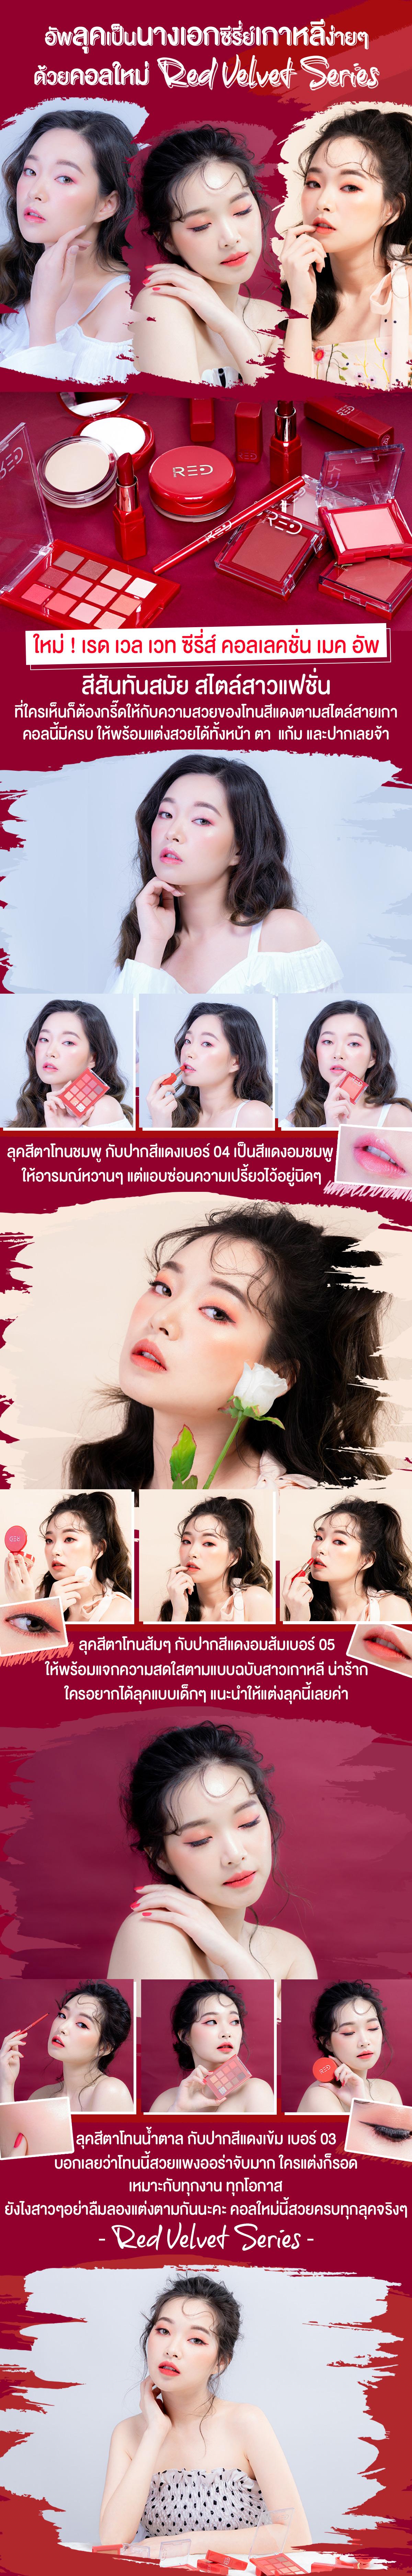 Red Velvet Series